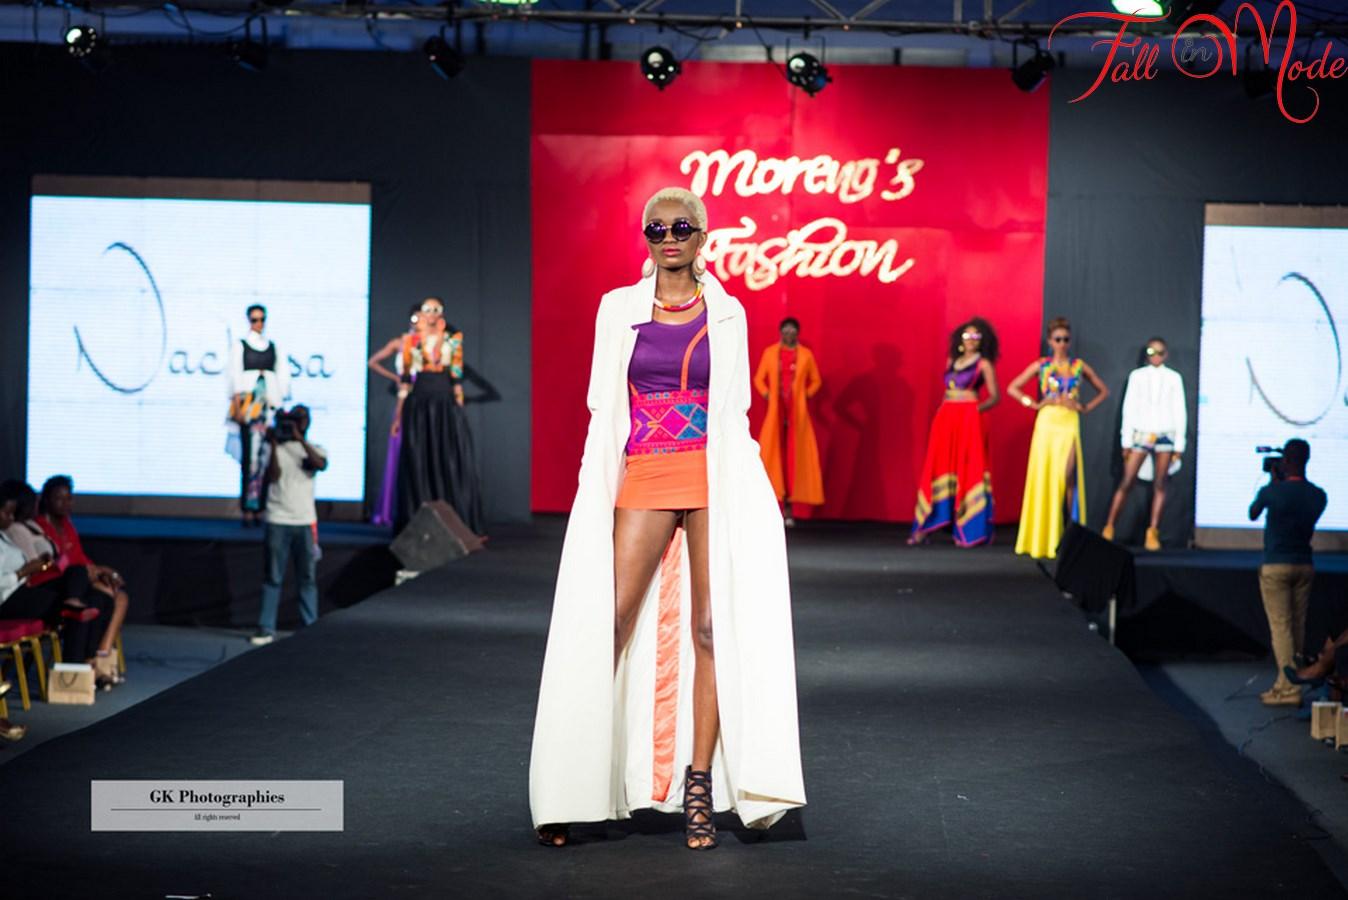 moreno's fashion_nackissa